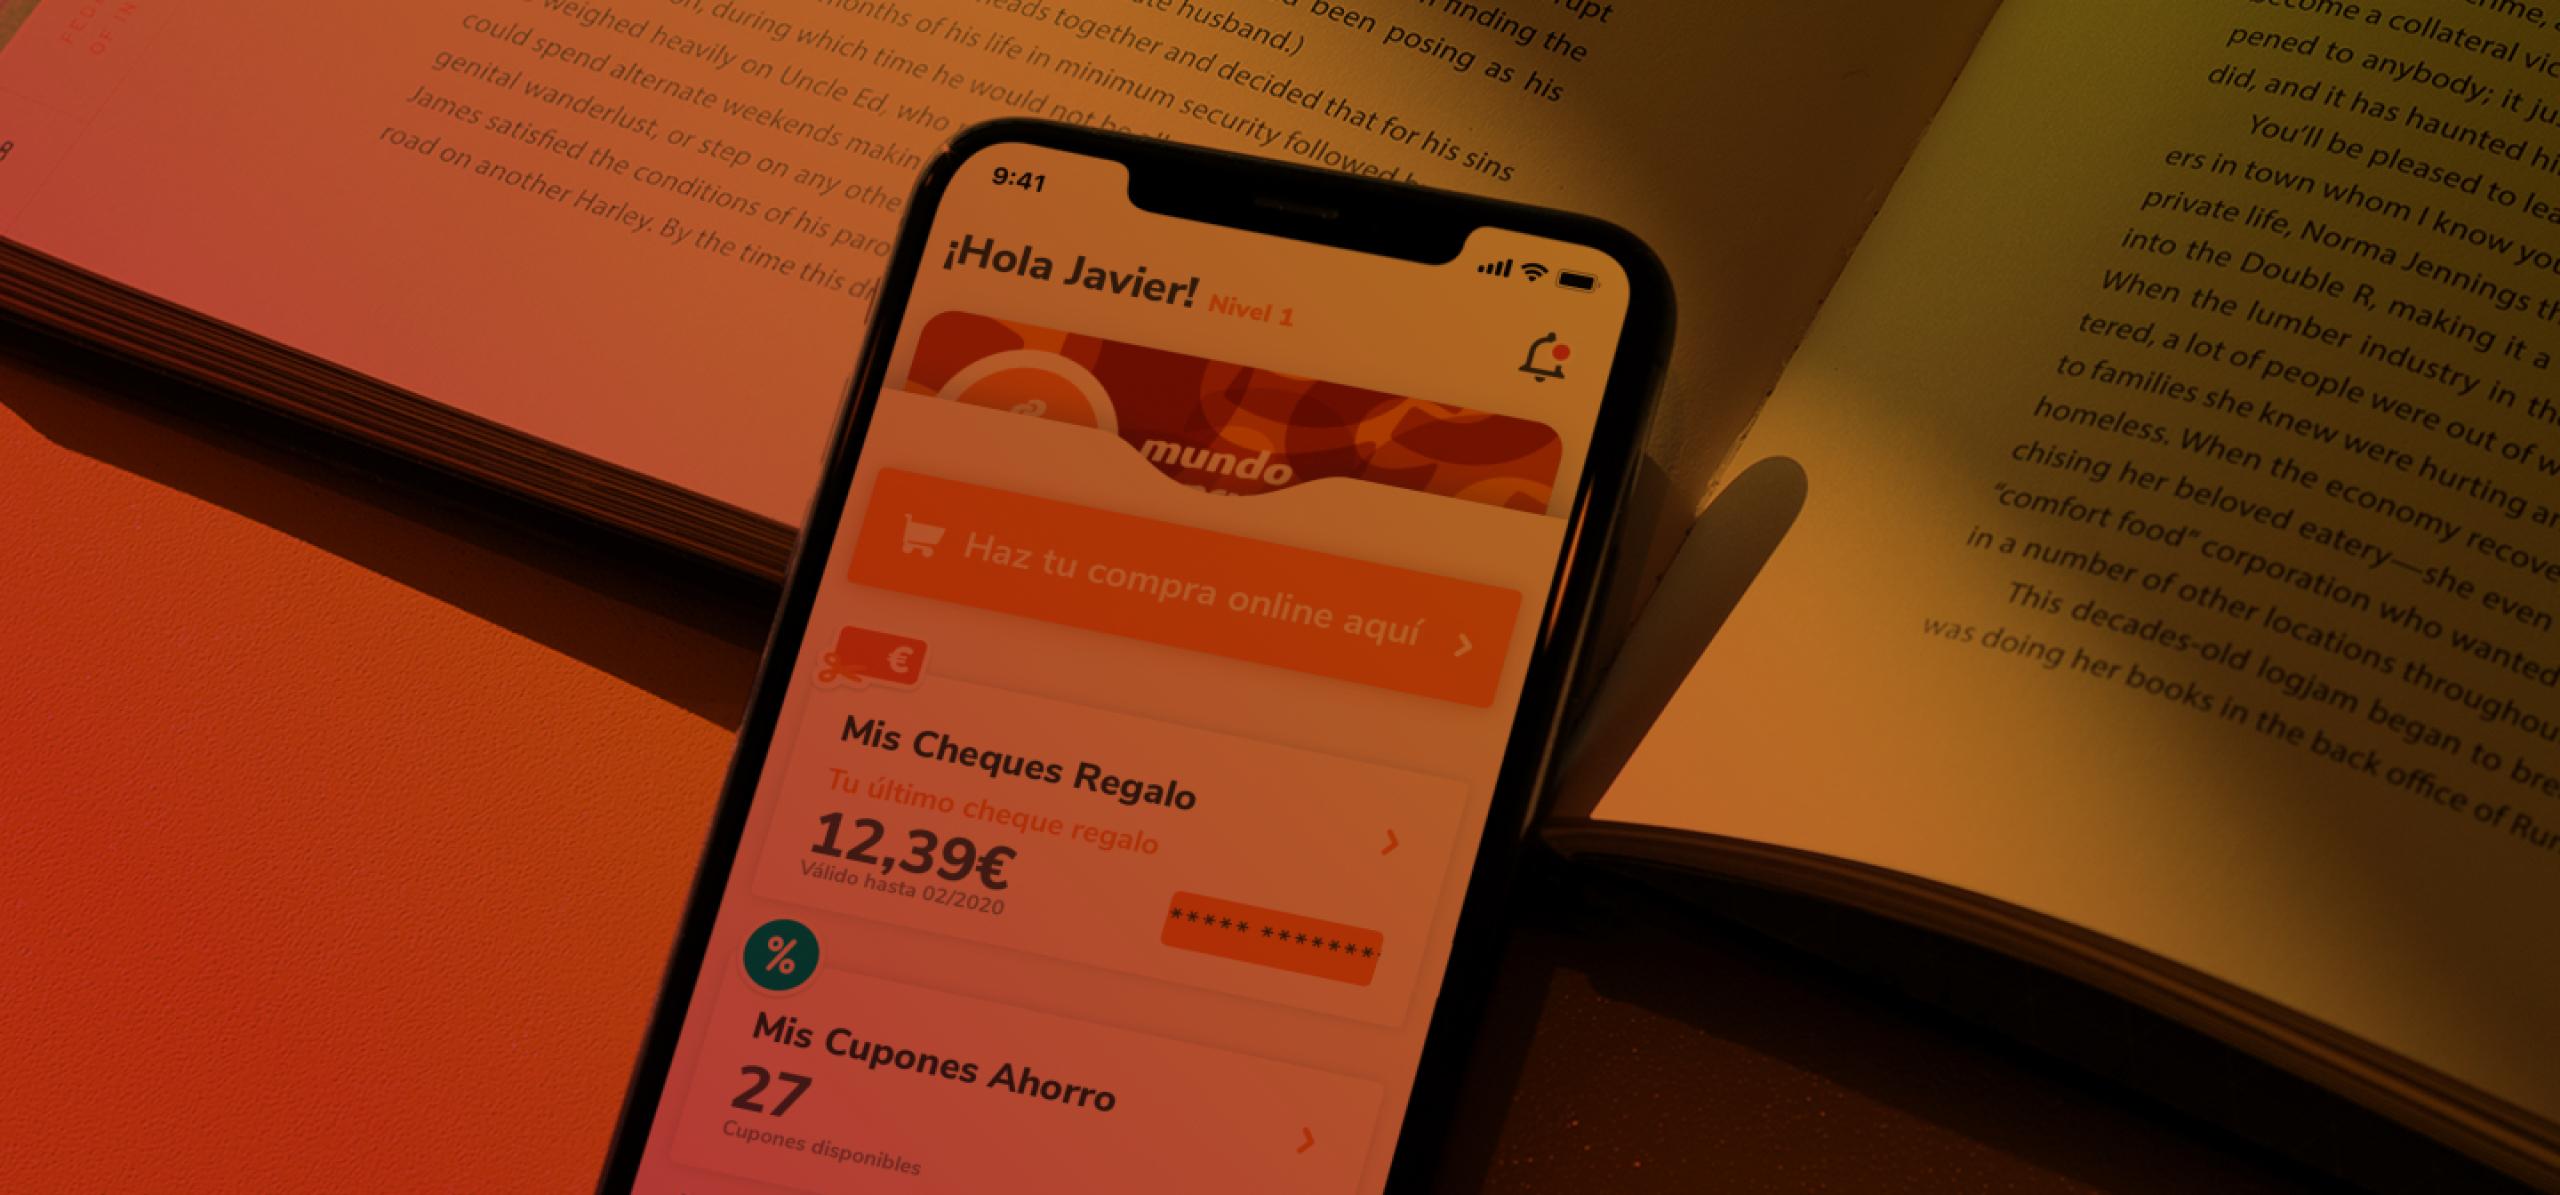 App de Consum con tienda online